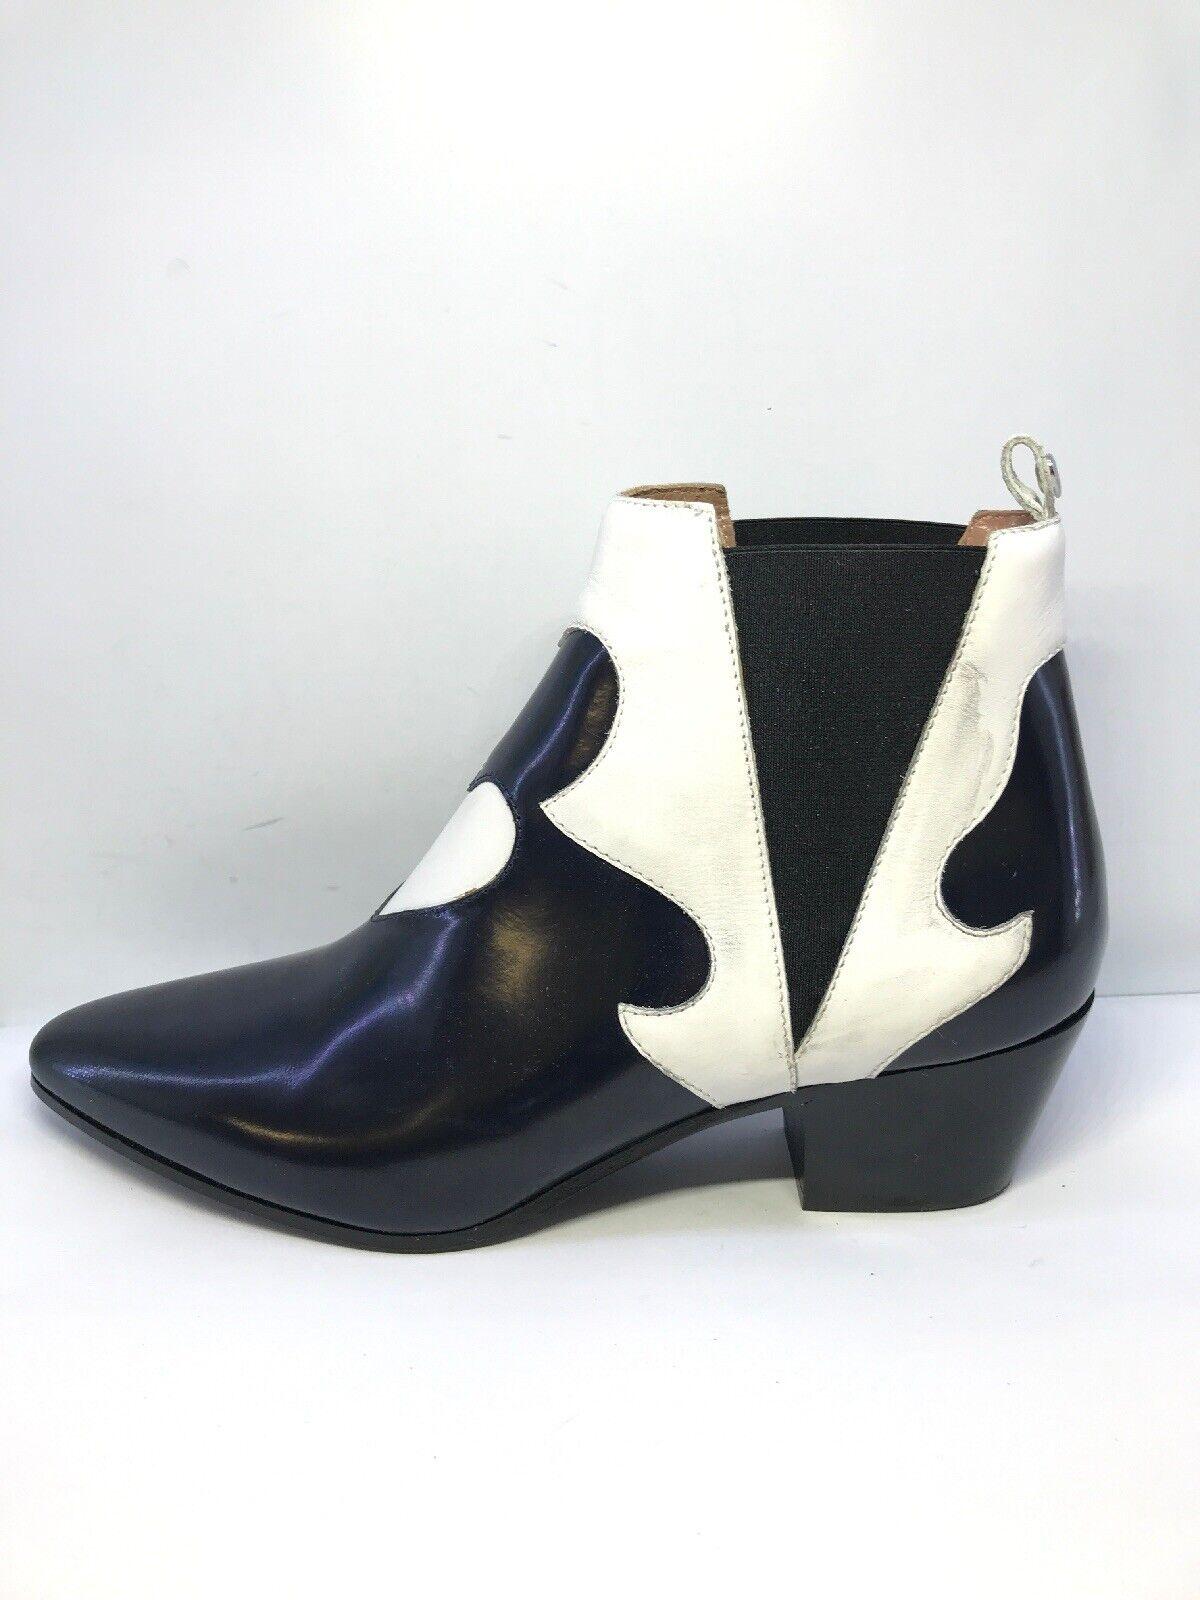 b4296b51100c4 Twin Set Simona Barbieri Pointed Heeled Heeled Heeled Ankle Boots ...